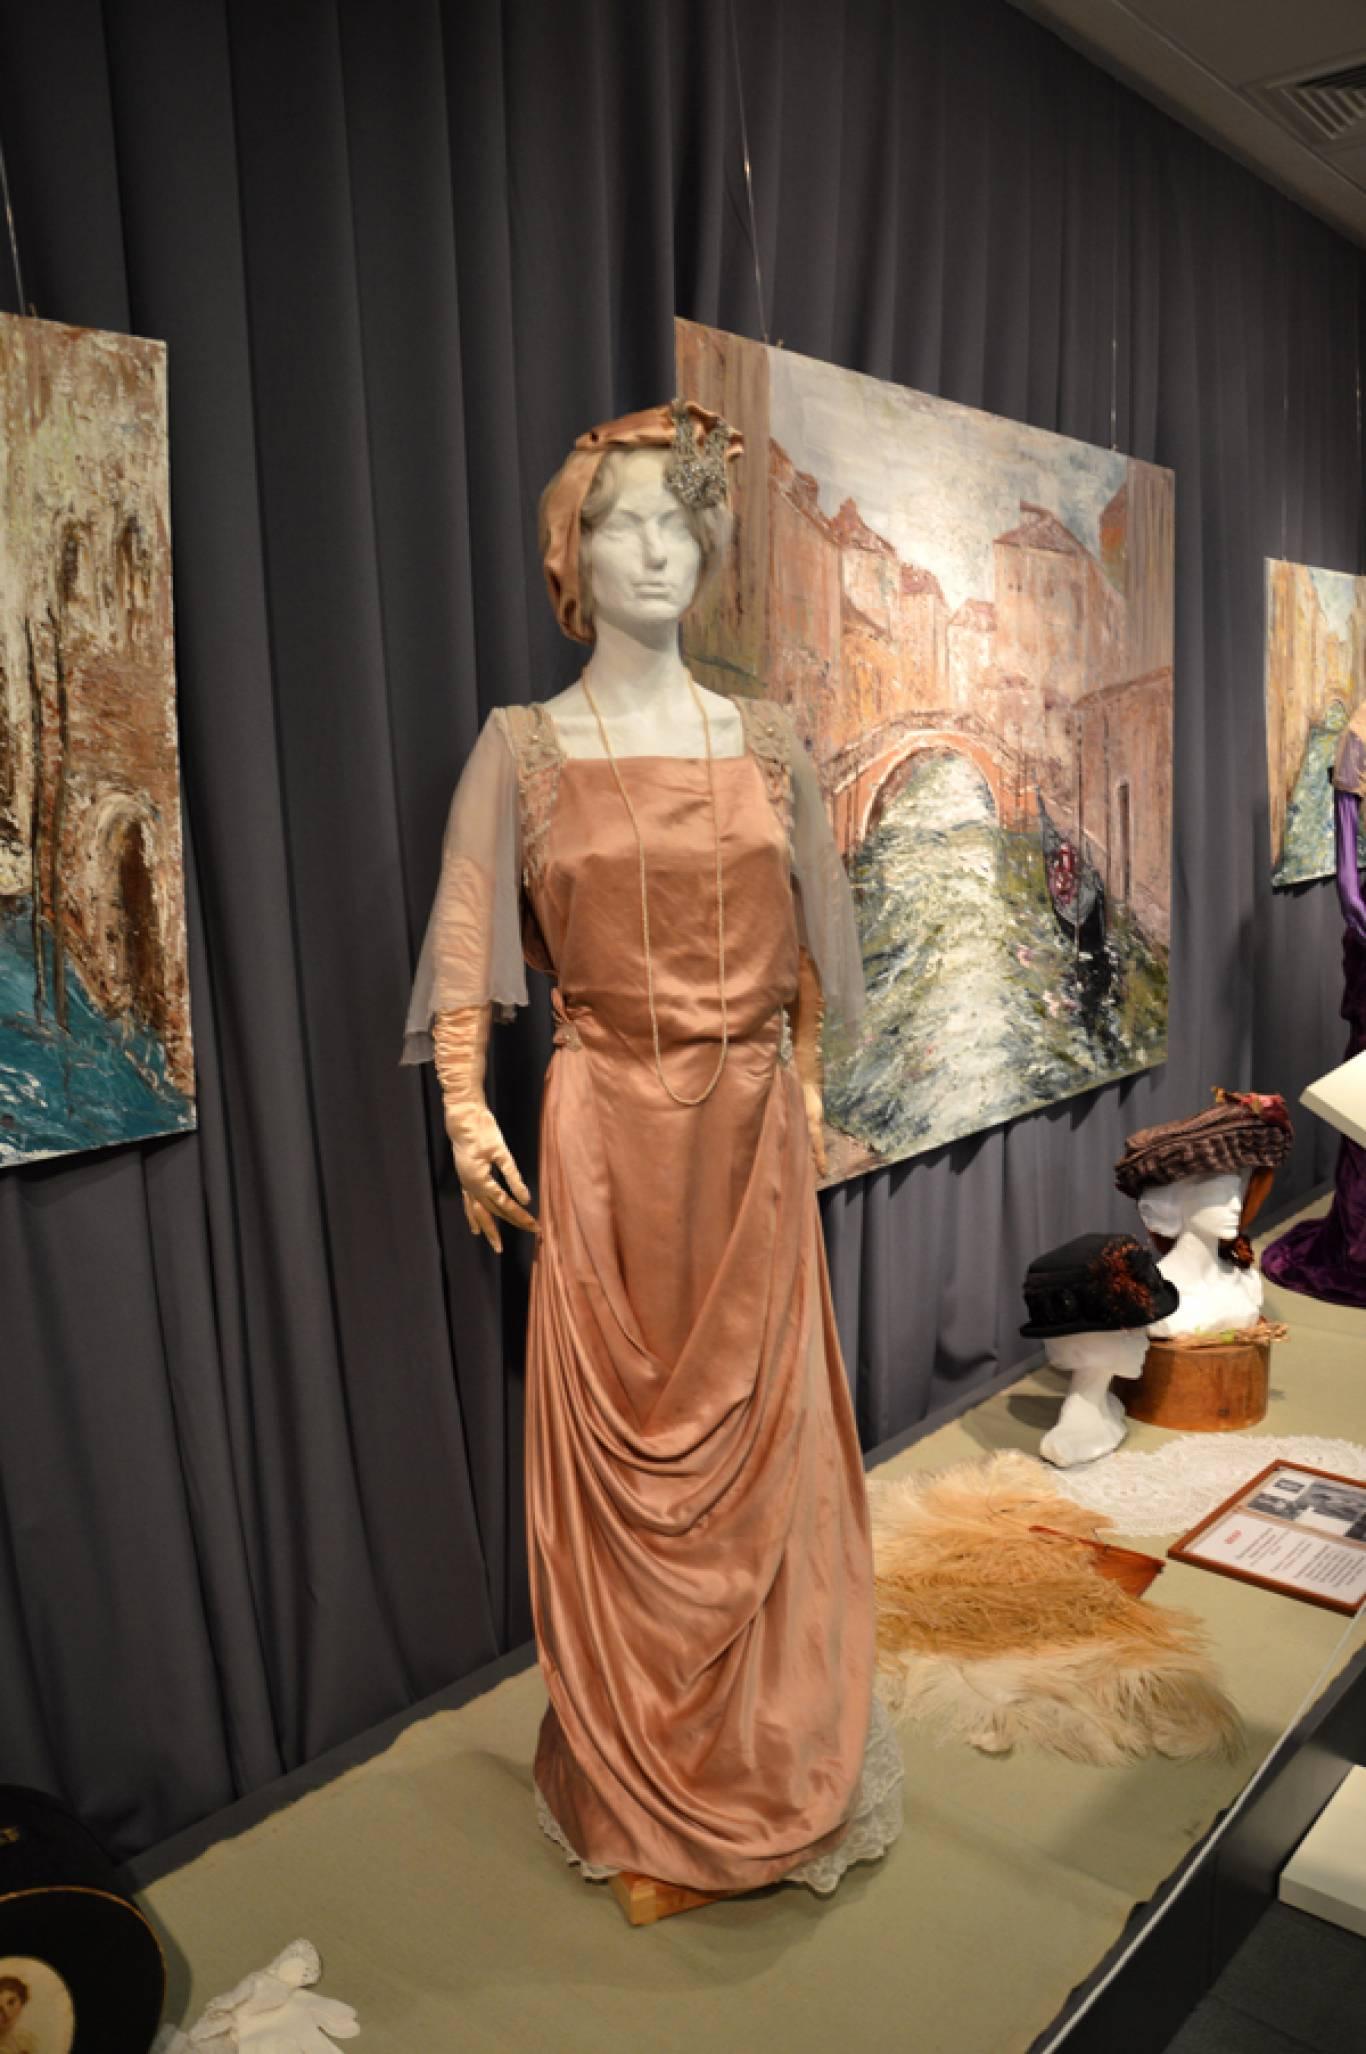 Виставка «МОДЕРН — ЕПОХА ЖІНОЧНОСТІ»  в Музеї історії Києва